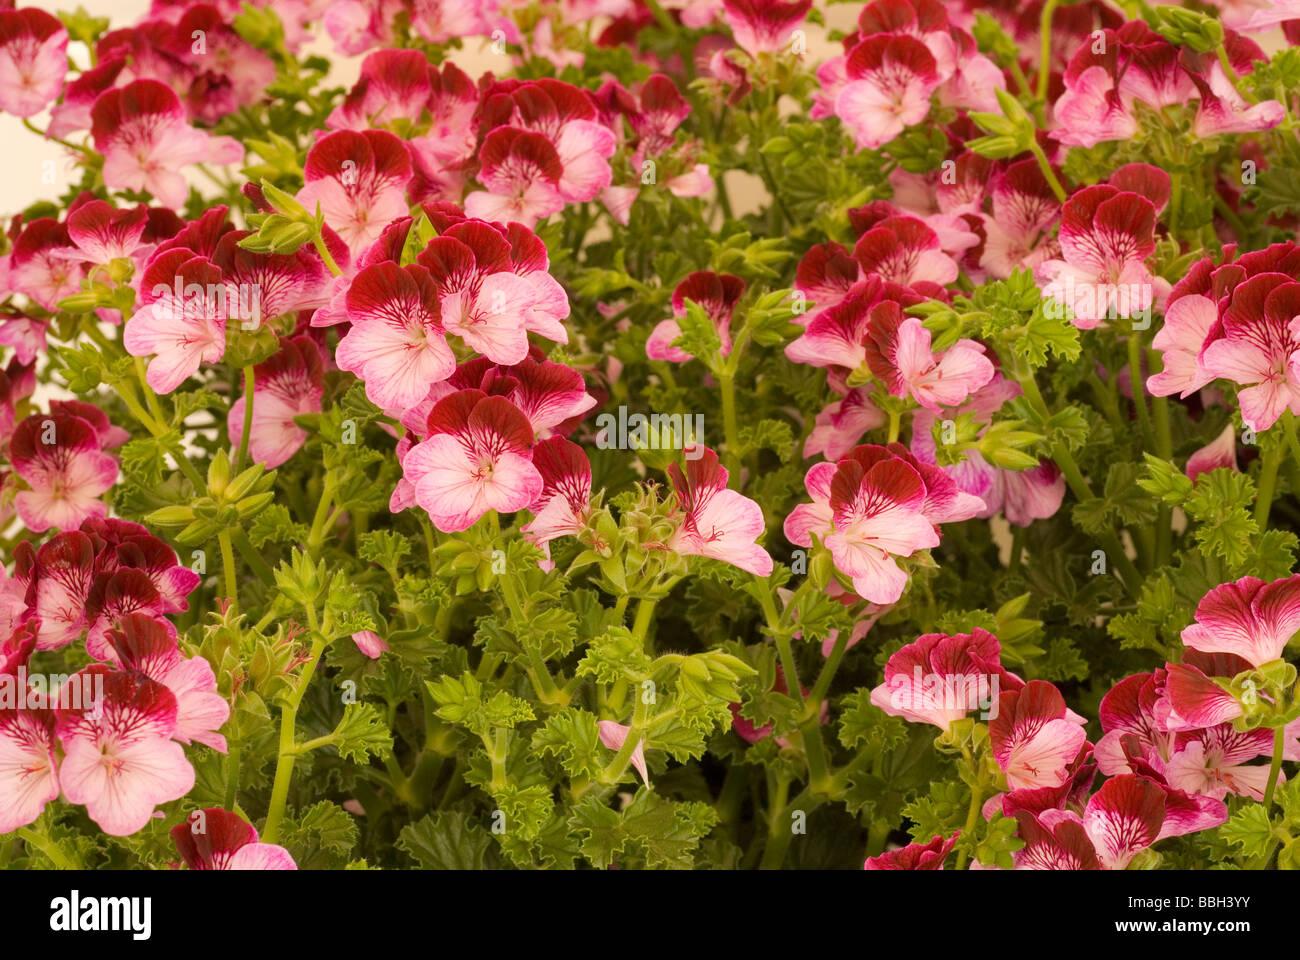 Pelargonium mini grandiflorum 'Tiptop Duet' Geraniaceae - Stock Image